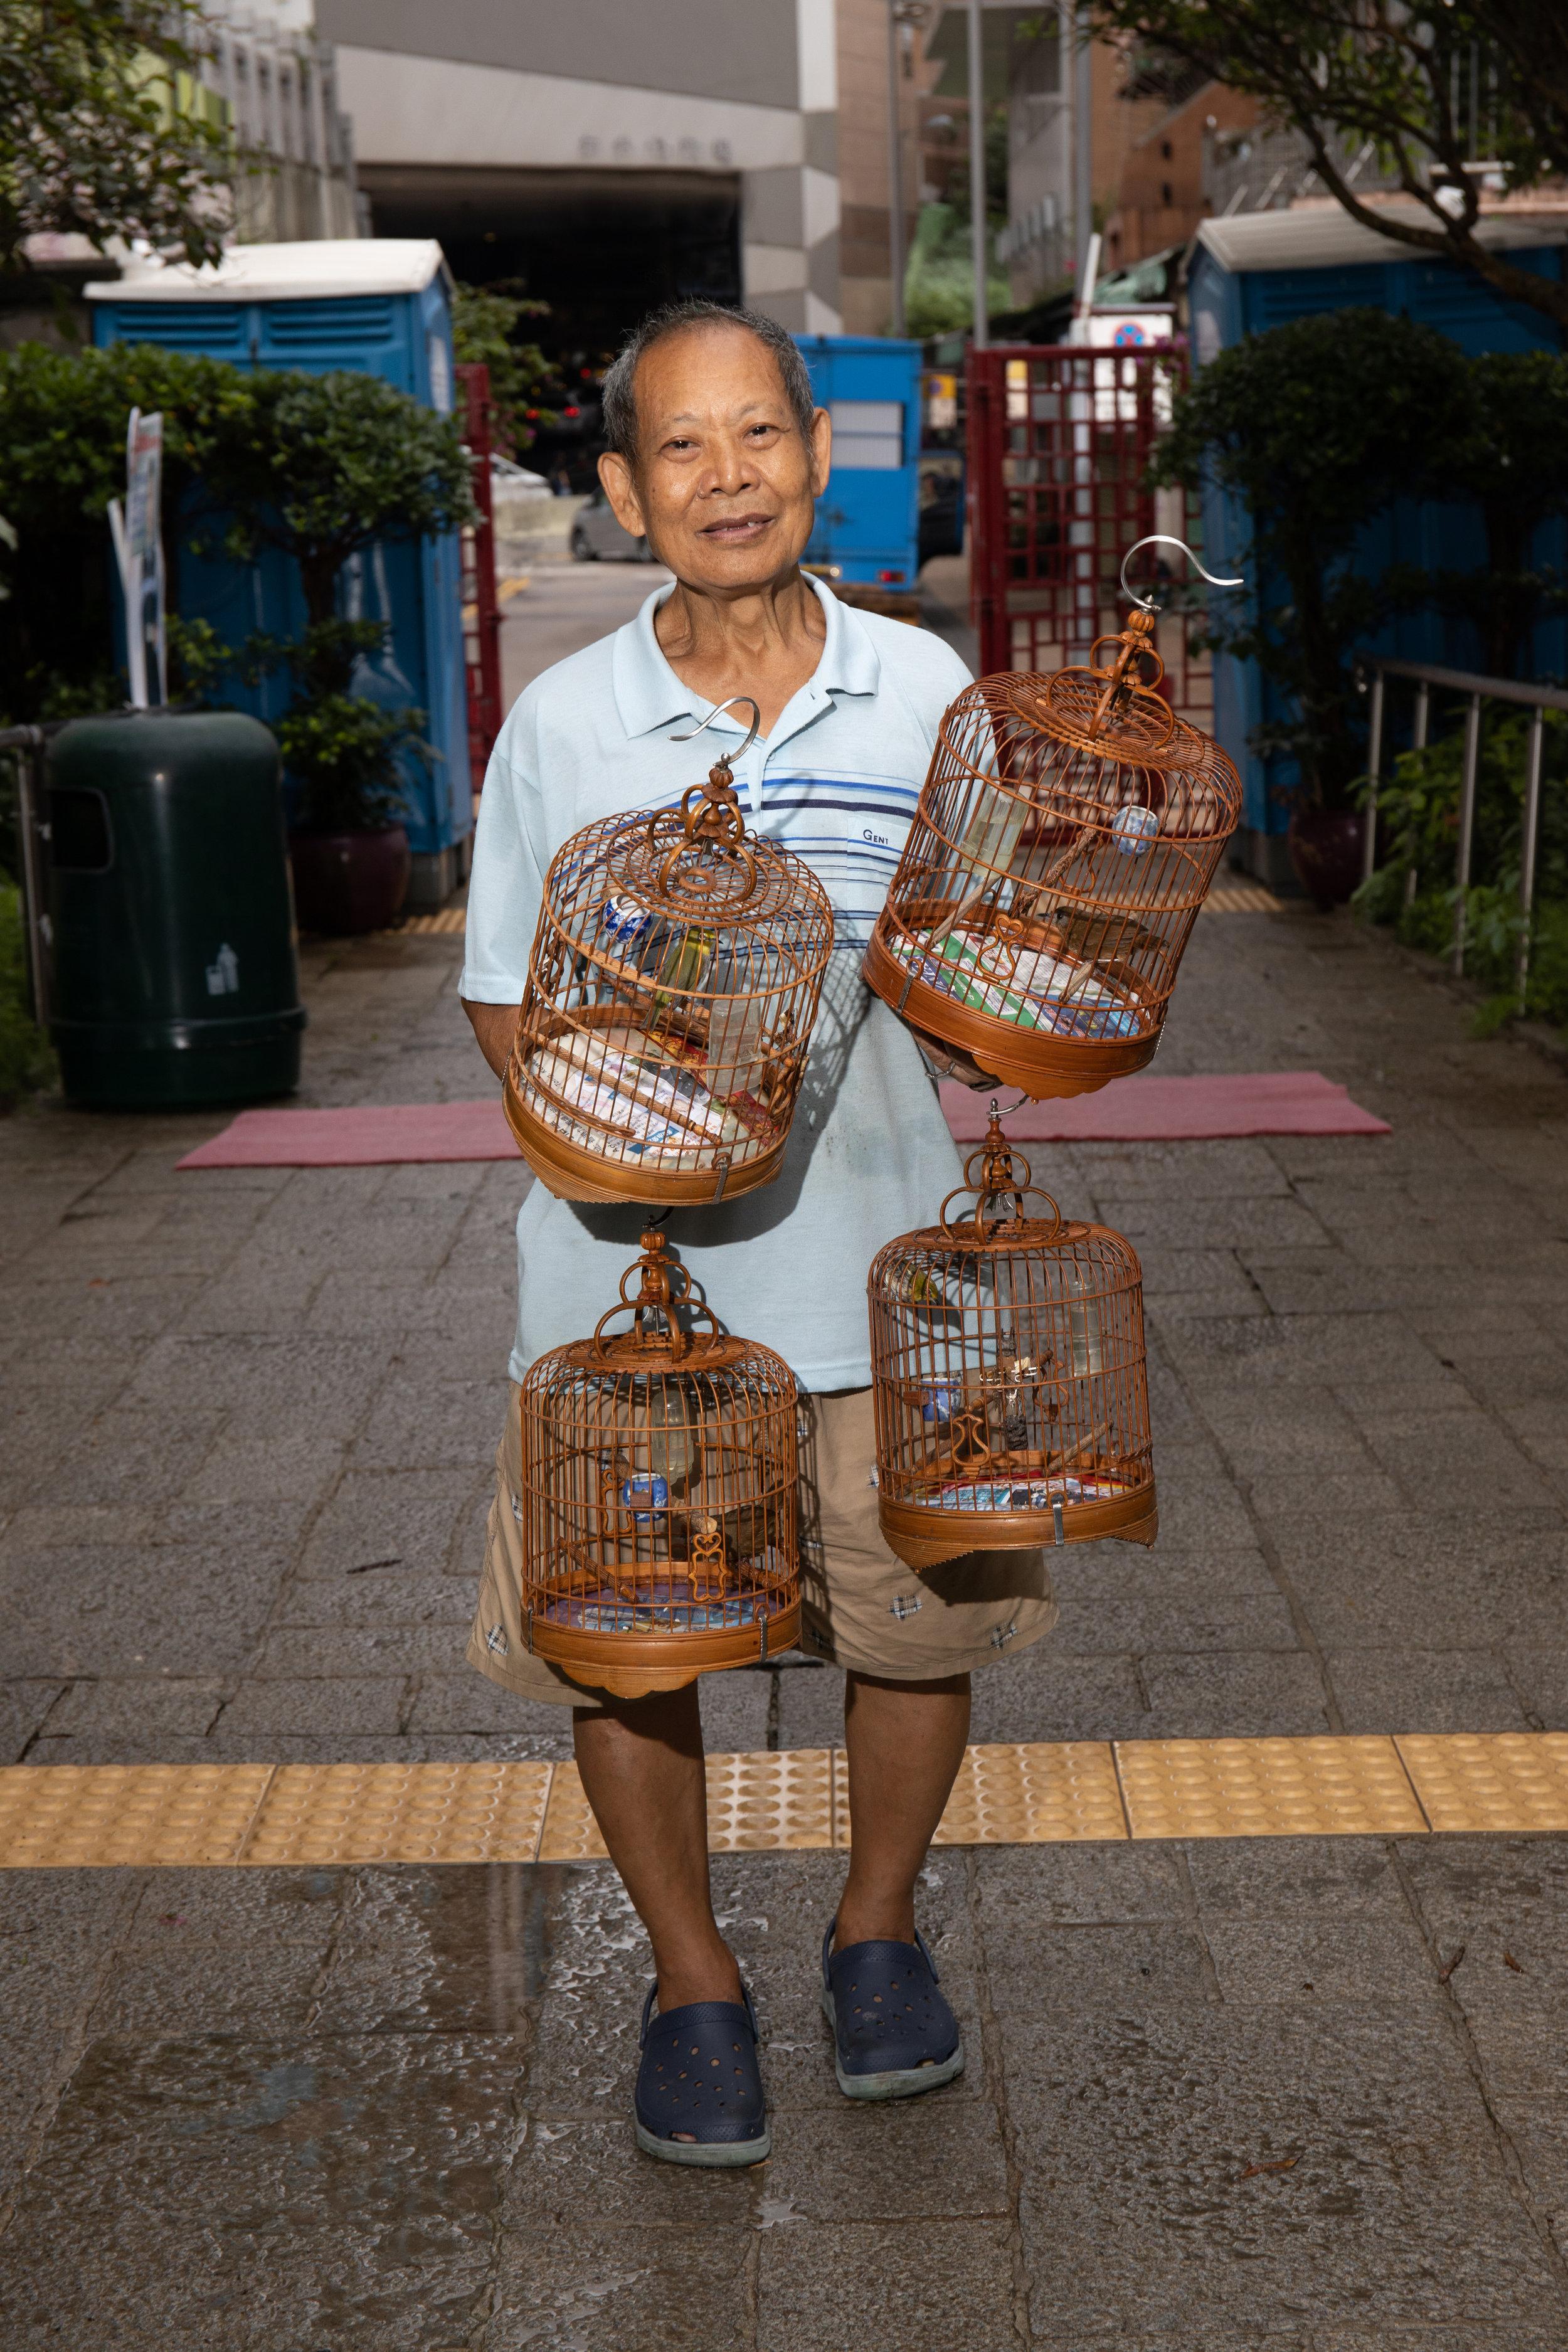 Bird Keeper, Hong Kong Bird Market, June 2019